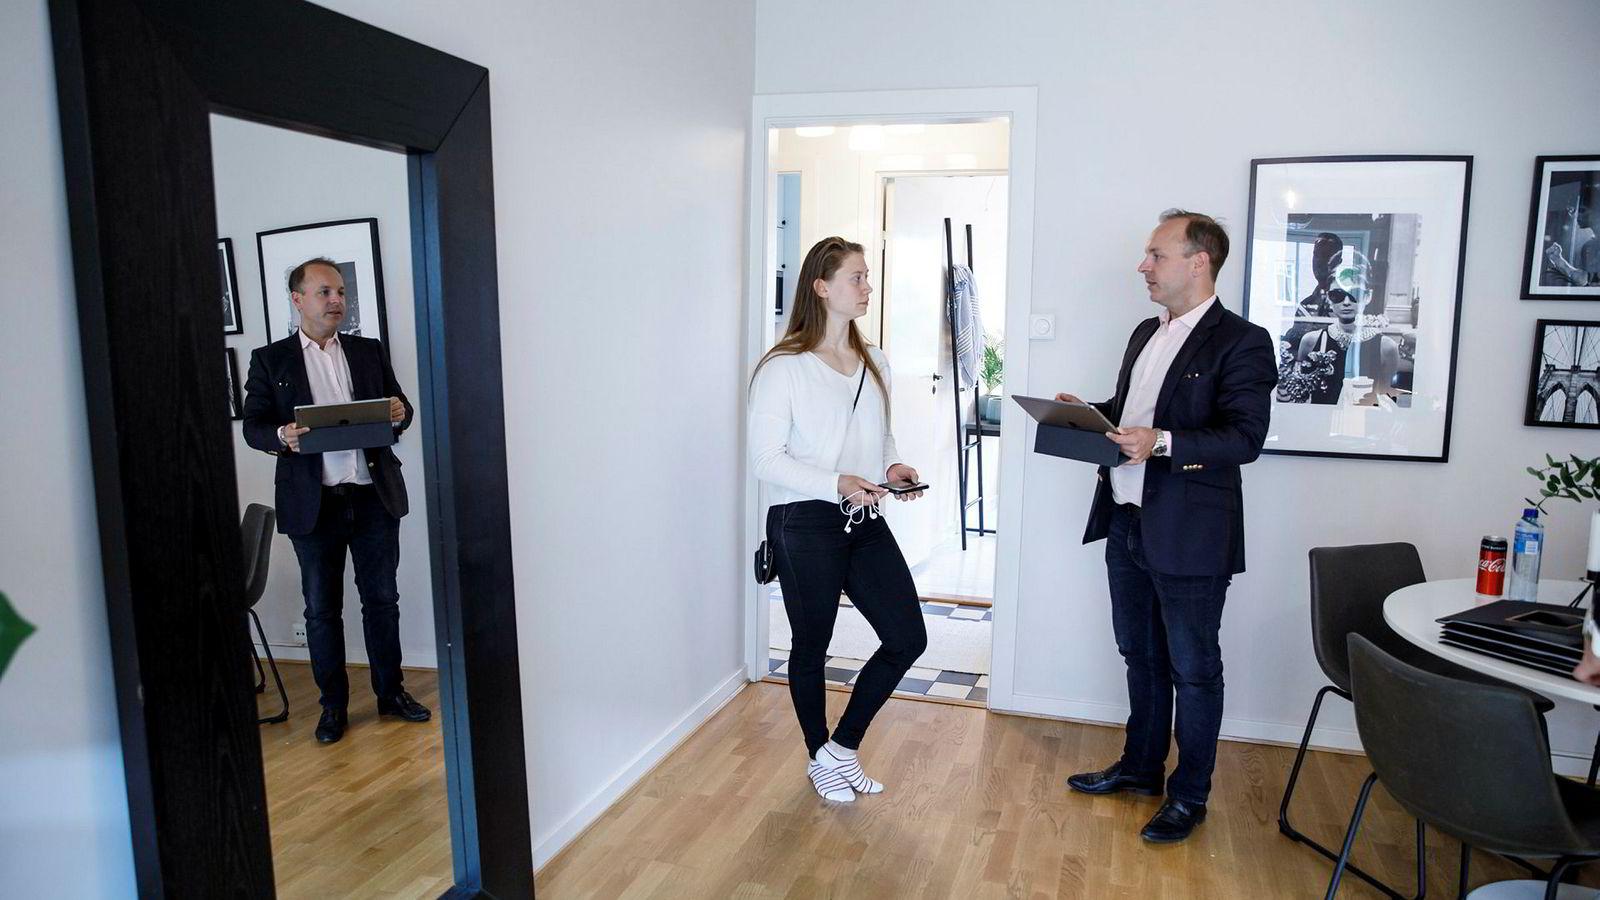 Ingvild Hansen (24) er på jakt etter leilighet til seg og kjæresten. Tirsdag hadde megler Anders Hartwig Thoresen visning en i 56 kvadratmeter stor leilighet på Sofienberg i Oslo.